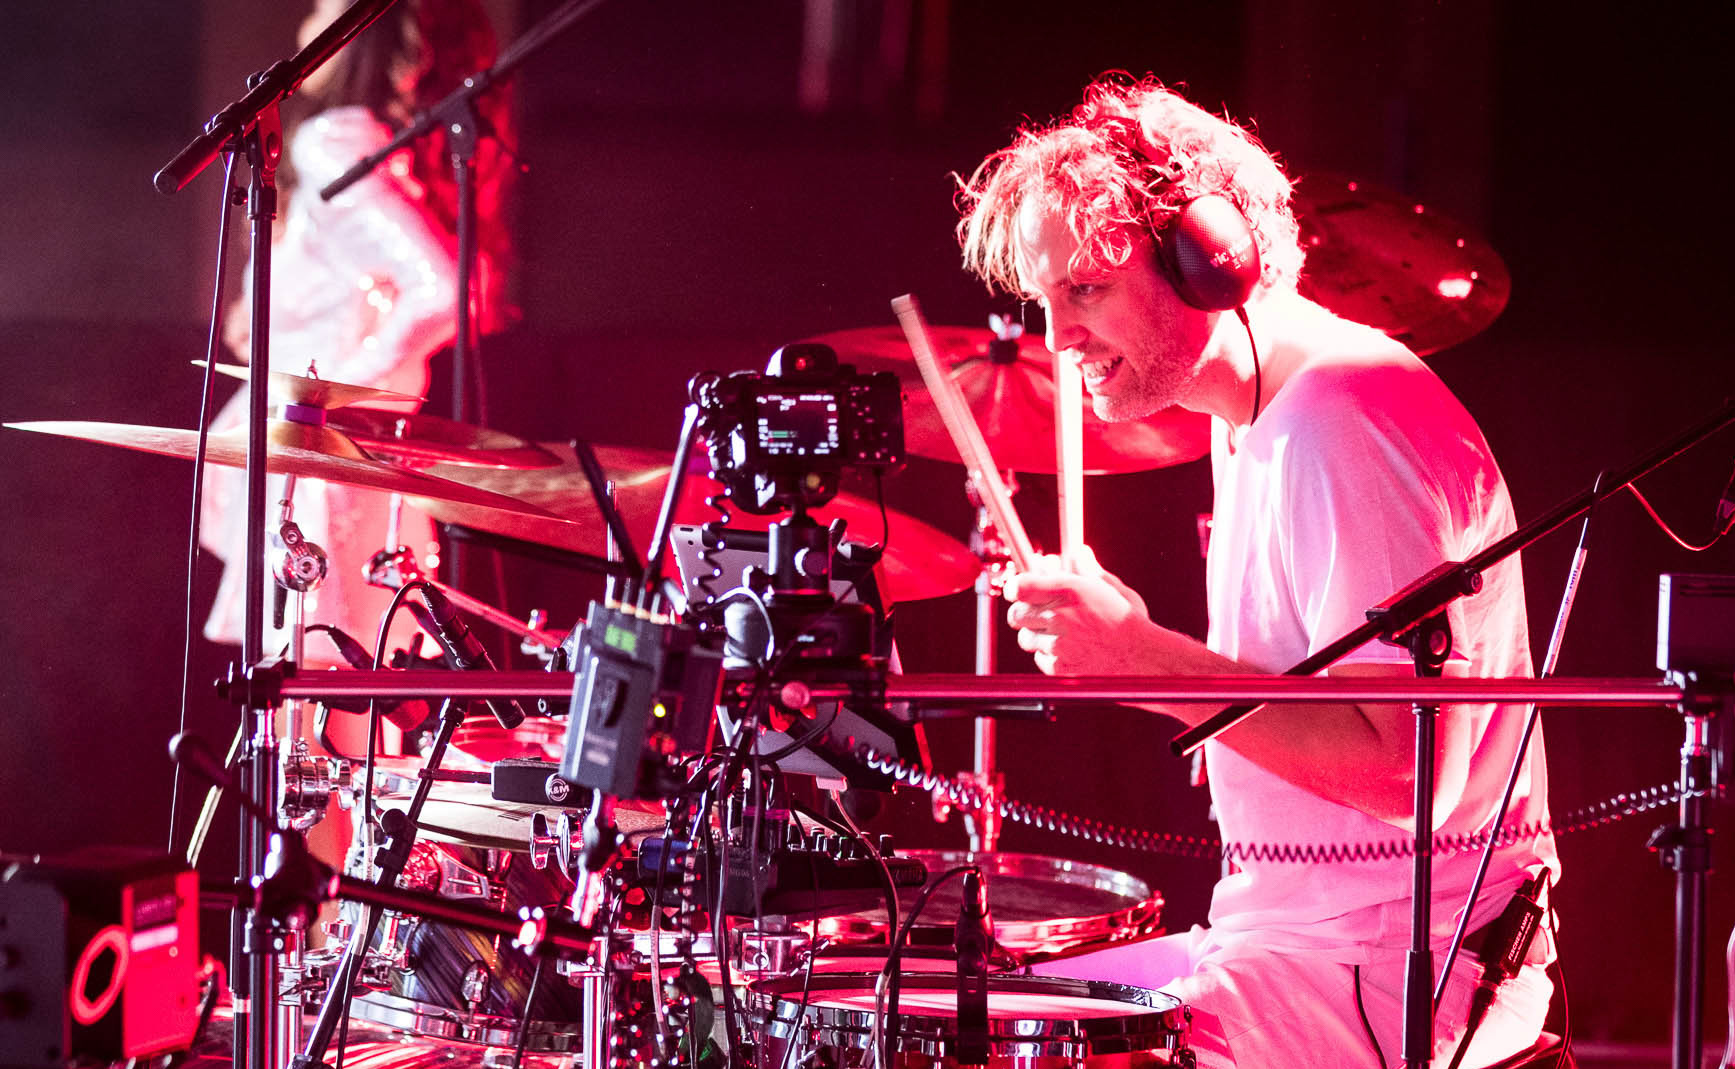 FRESH-MUSIC-LIVE_DRUMS_THOMAS_HEINZ_07